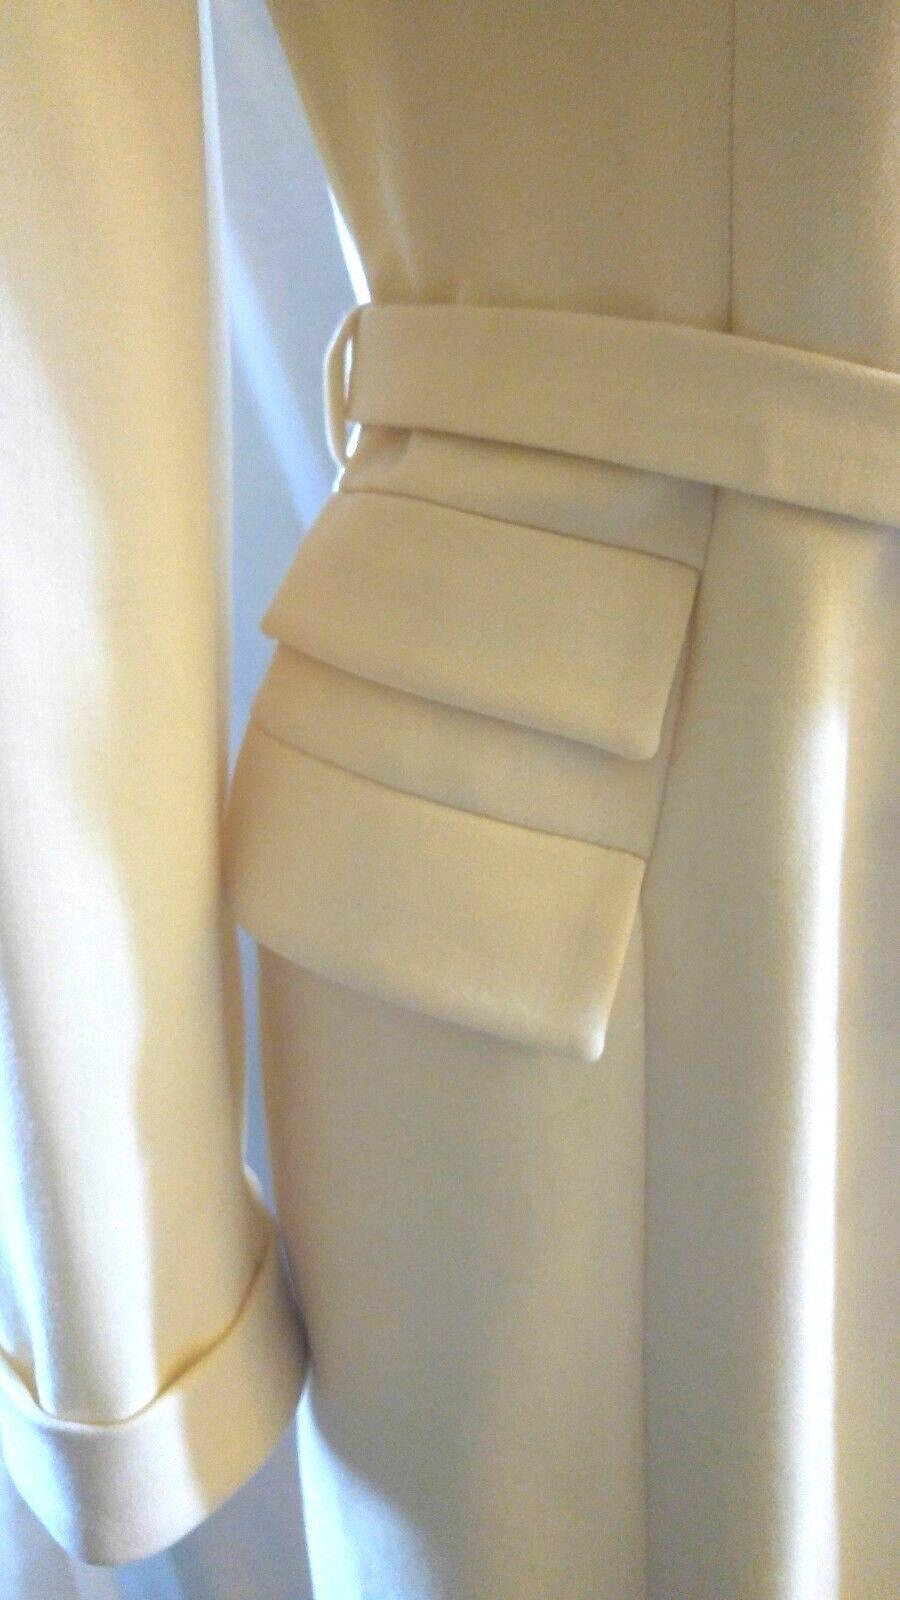 ANNA SUI 90s Vintage Wool Jacket M $550 - image 4